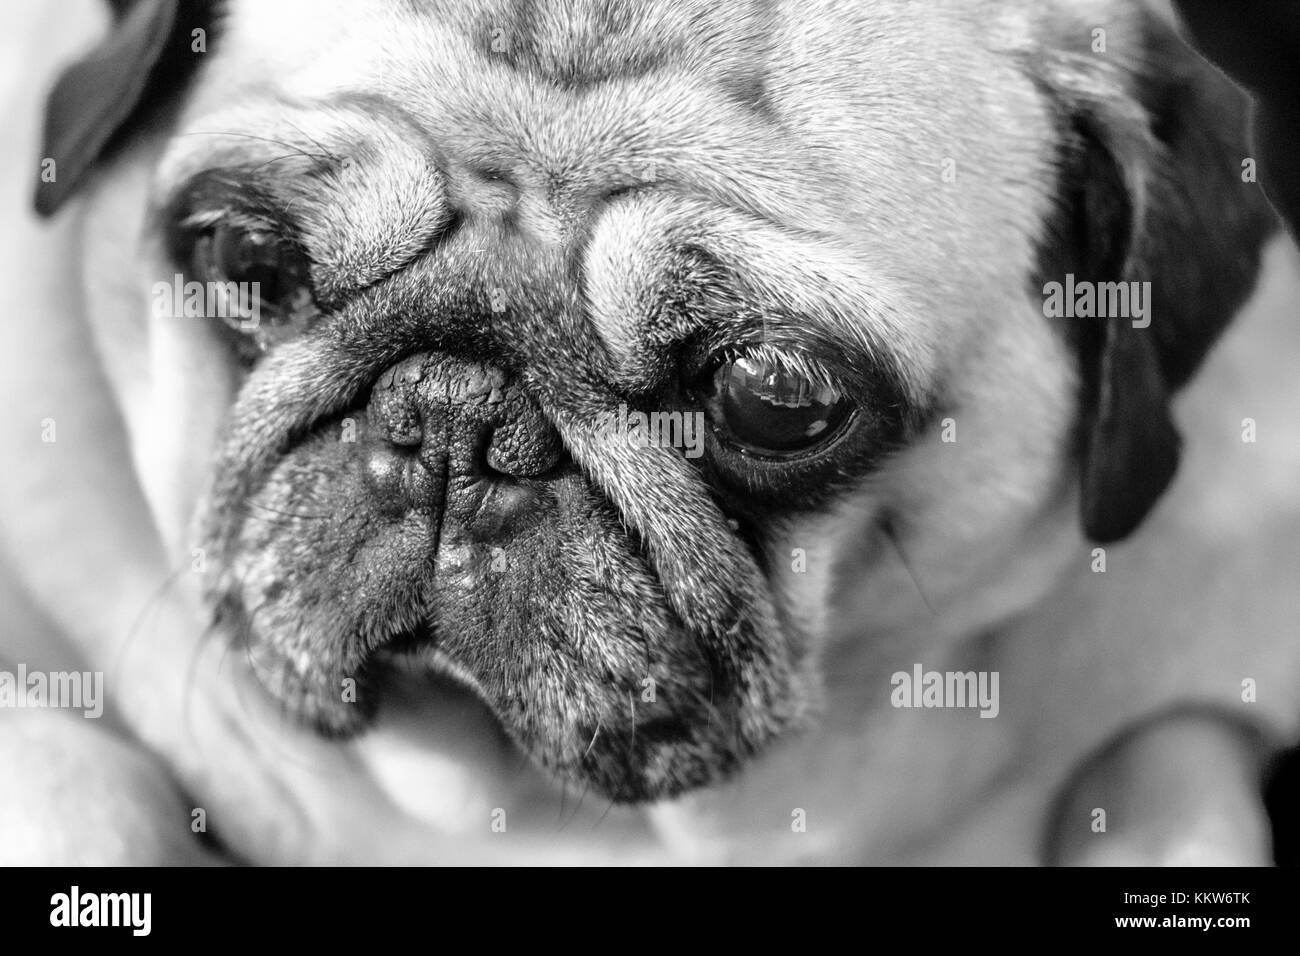 Beautiful, Beauty, Carlino, Close-up, Cute, Dog, Examining, Horizontal, Human Face, Lap Dog, Looking, Piccolo, Pug, - Stock Image